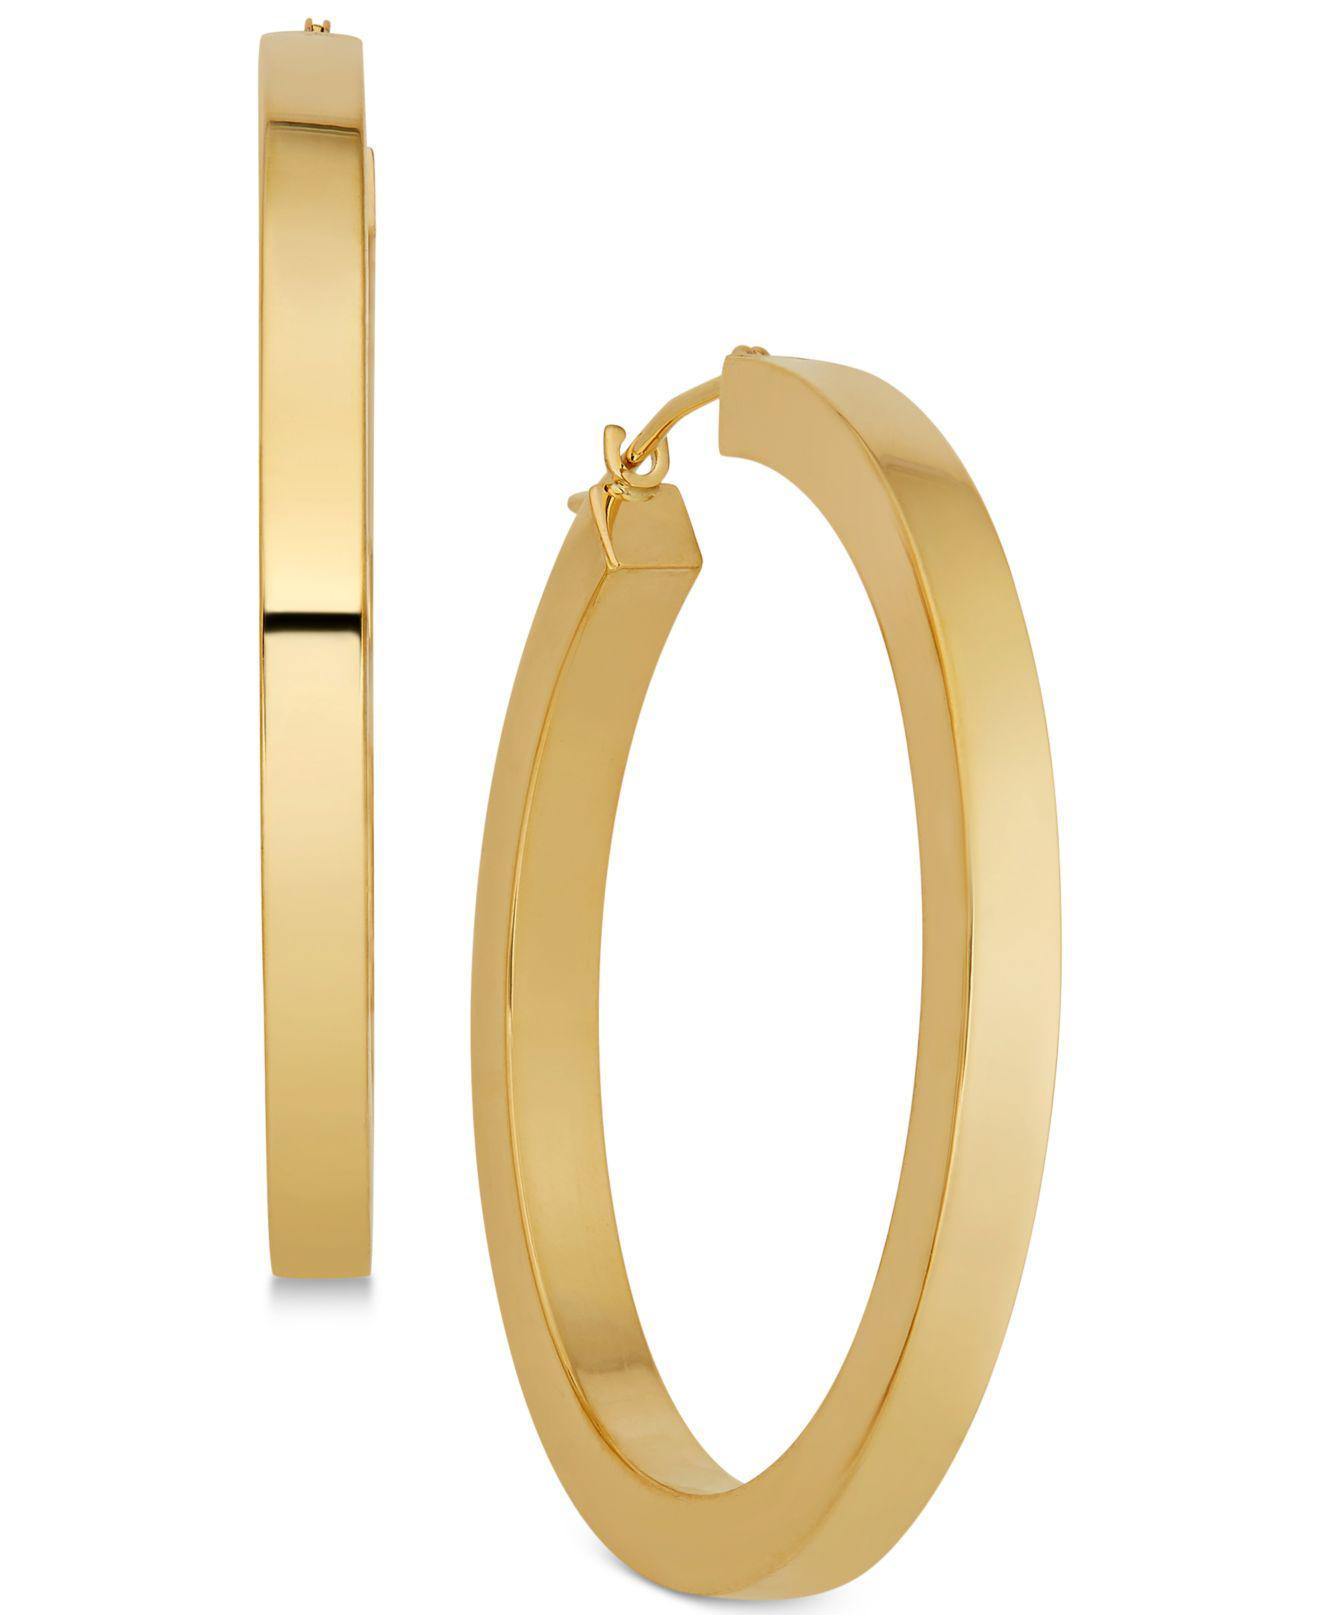 Macy S Women Metallic Polished Flat Edge Hoop Earrings In 14k Gold